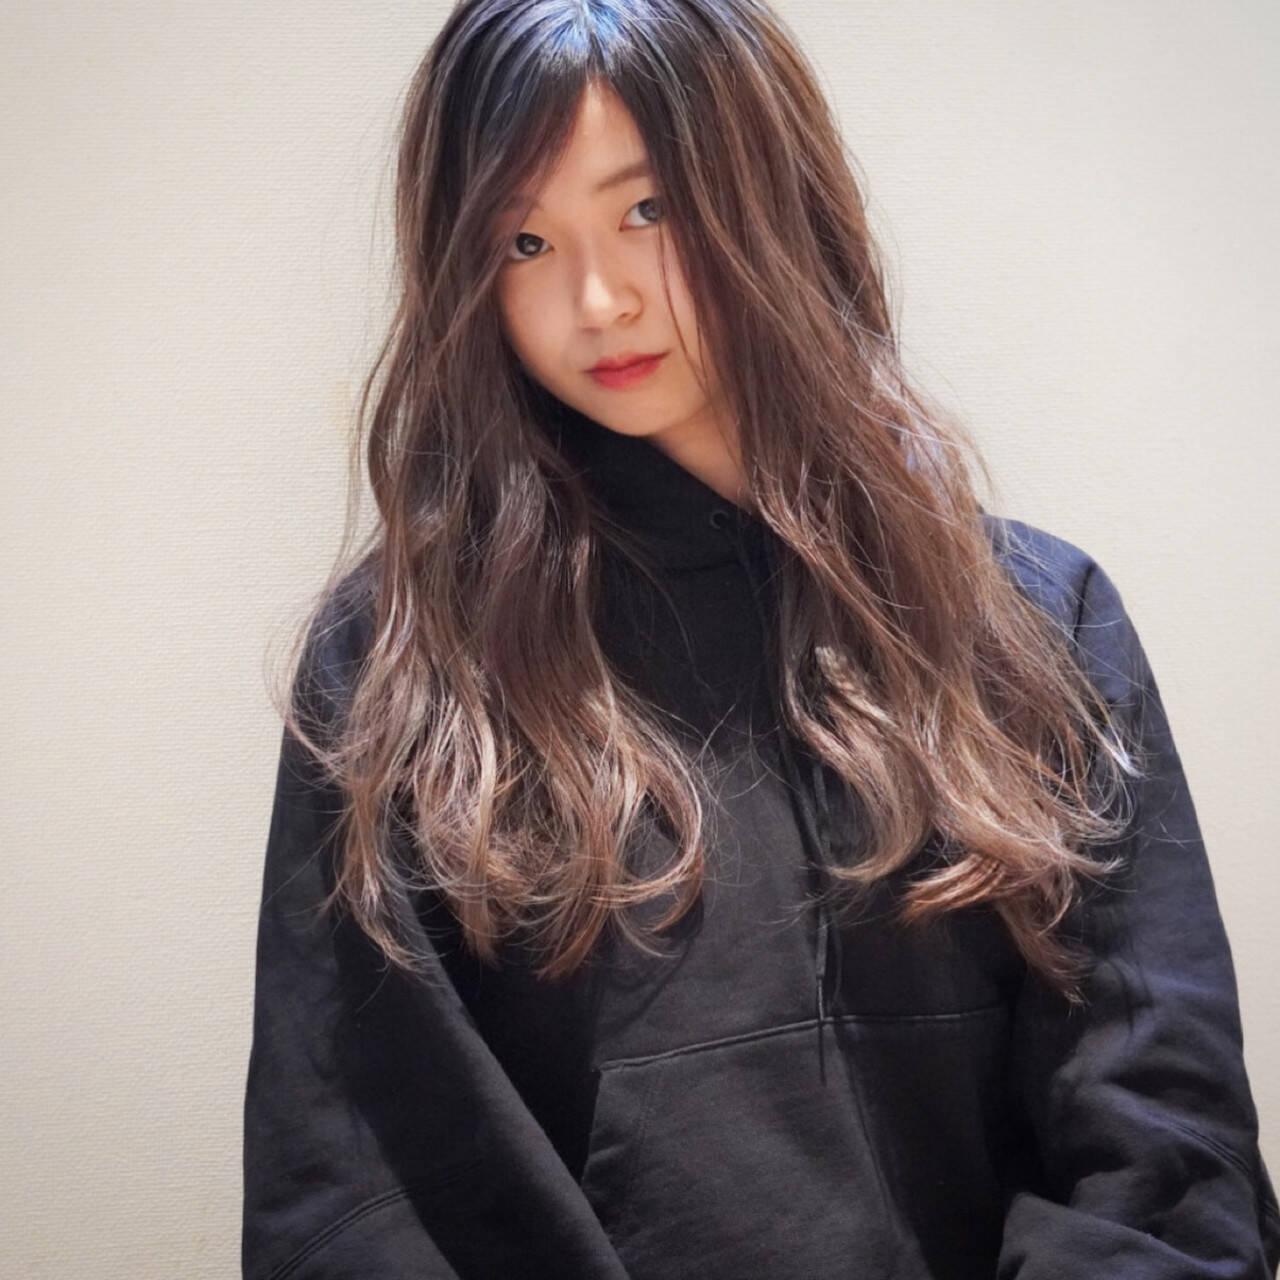 ナチュラル 3Dハイライト 大人ハイライト コントラストハイライトヘアスタイルや髪型の写真・画像